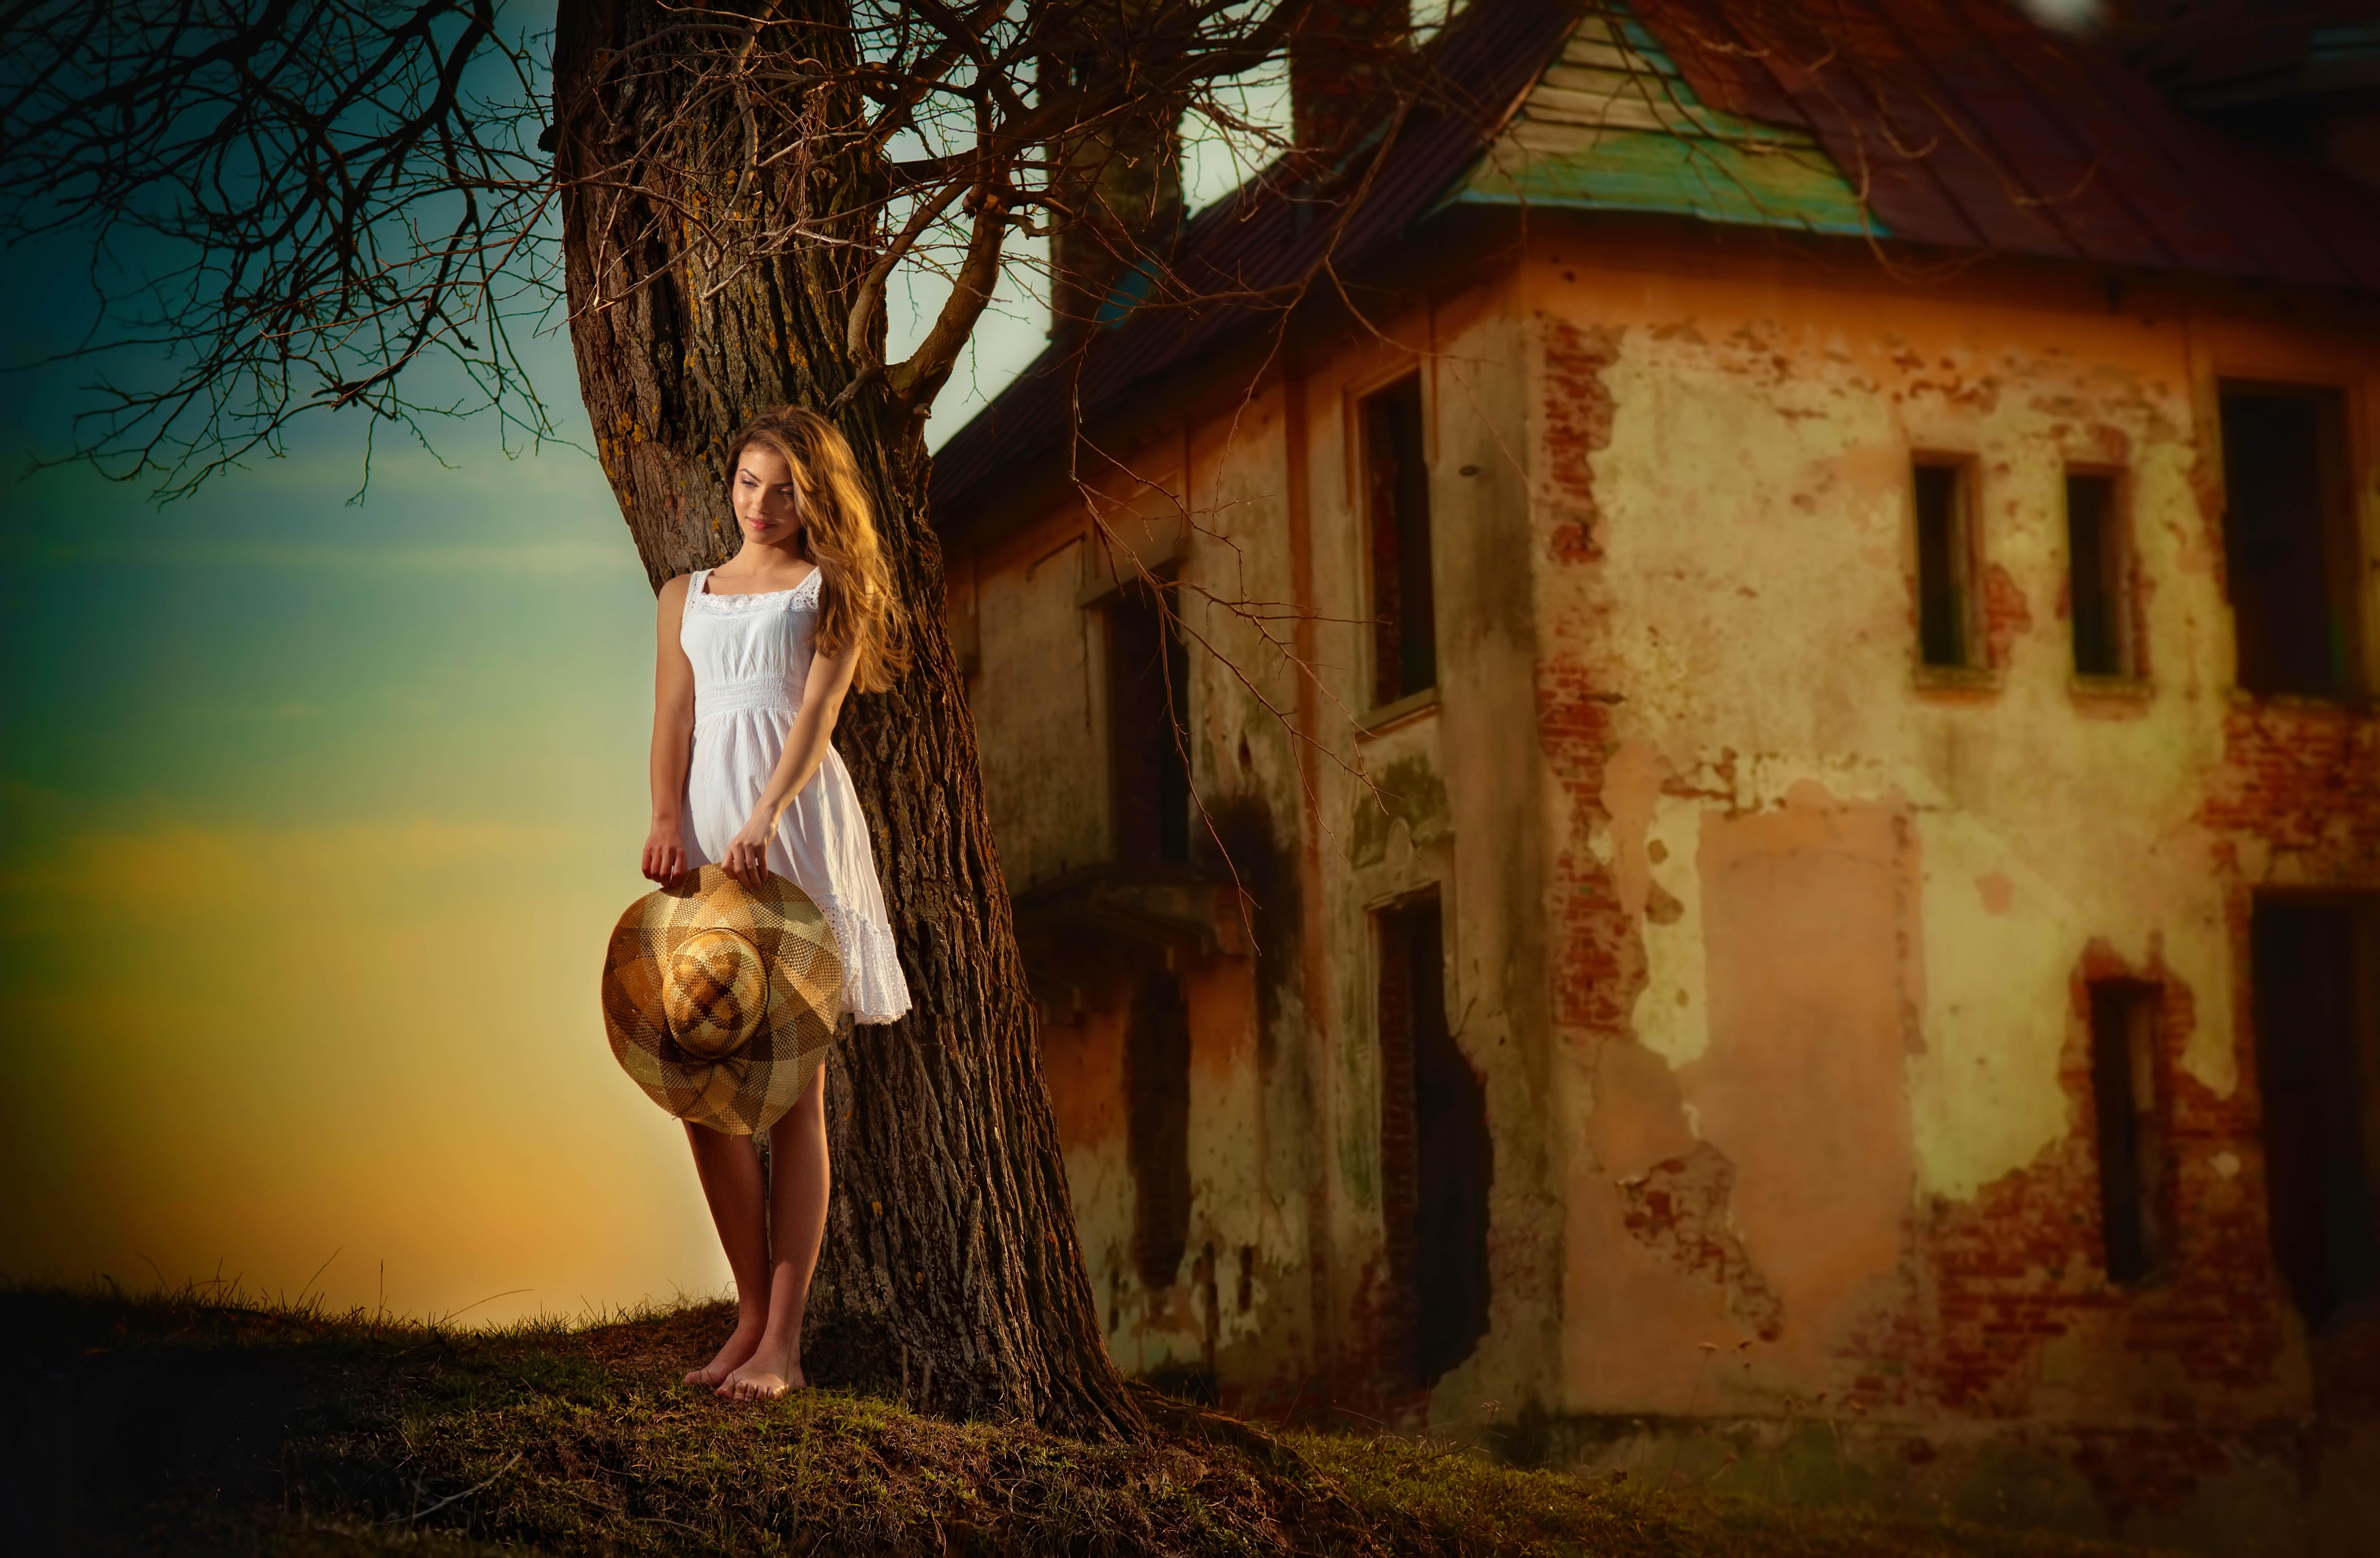 женщина так девушки мечтающие о селе поленьями